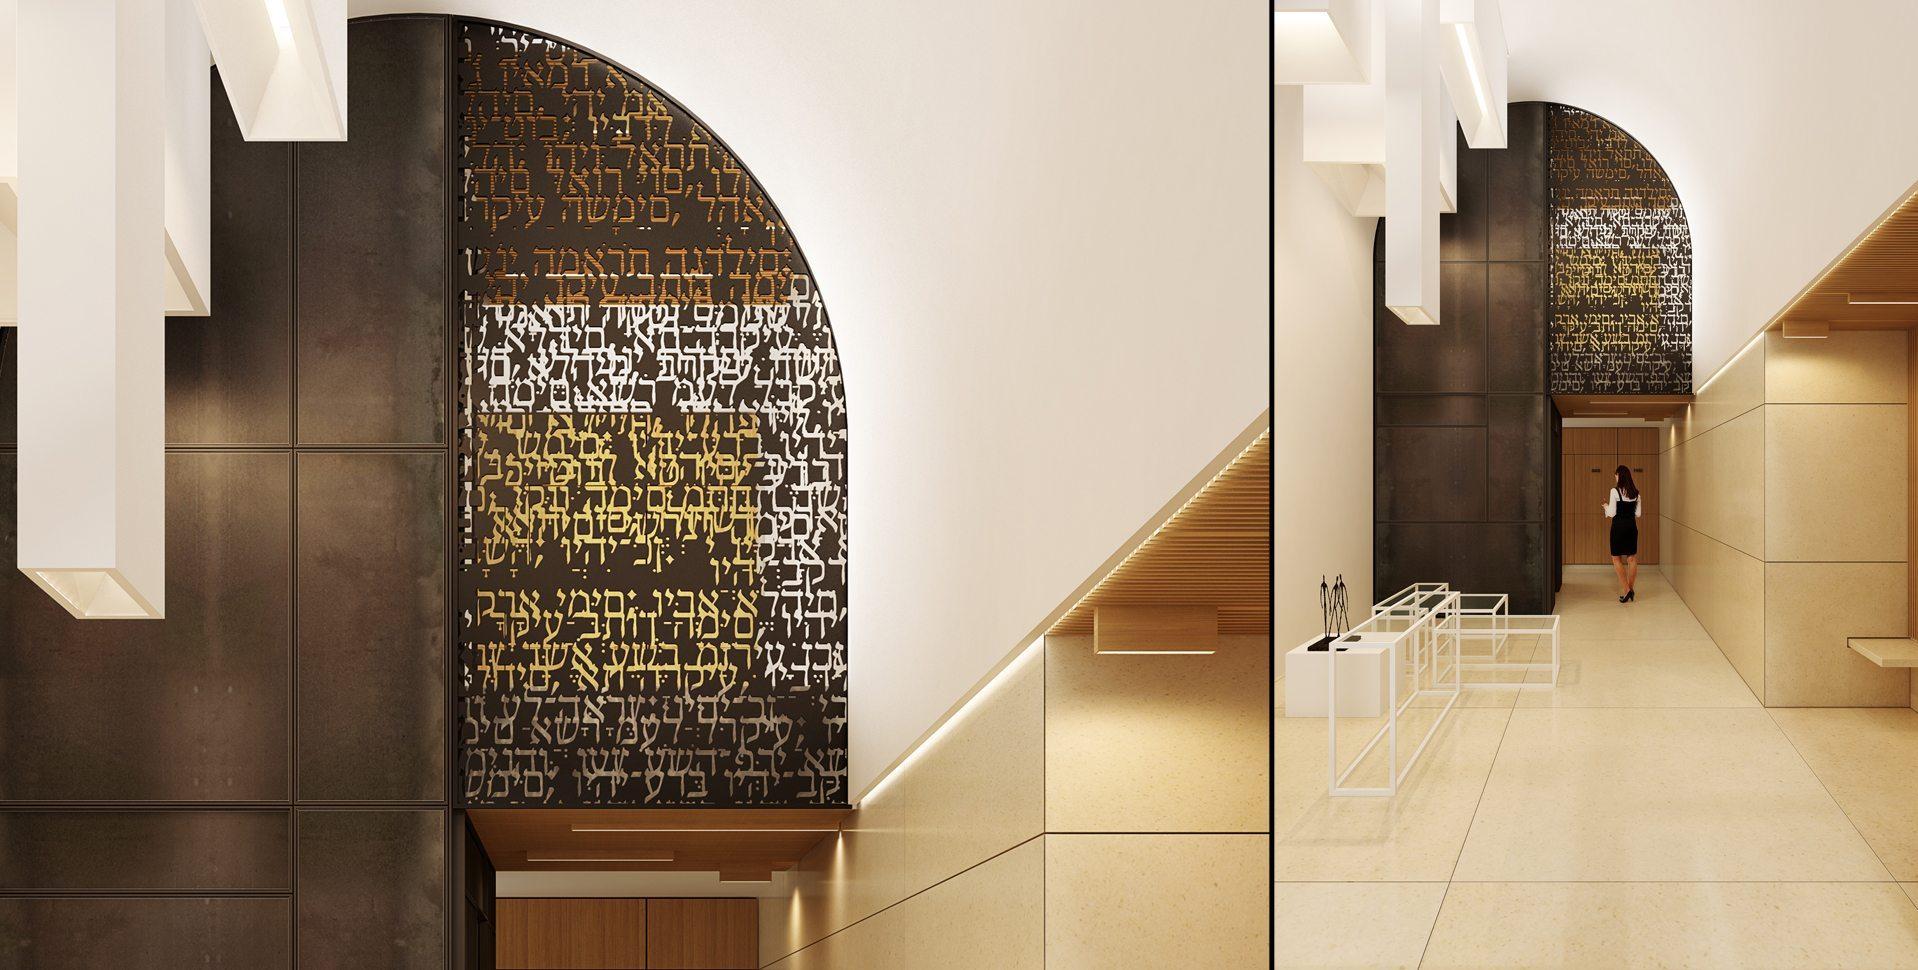 סטודיו-מעיין_הדמיות-אדריכליות_סטודיו-חזק-עיצוב-פנים_פרויקט-ממילא-ירושלים_הדמית-פנים_לובי-כניסה_02